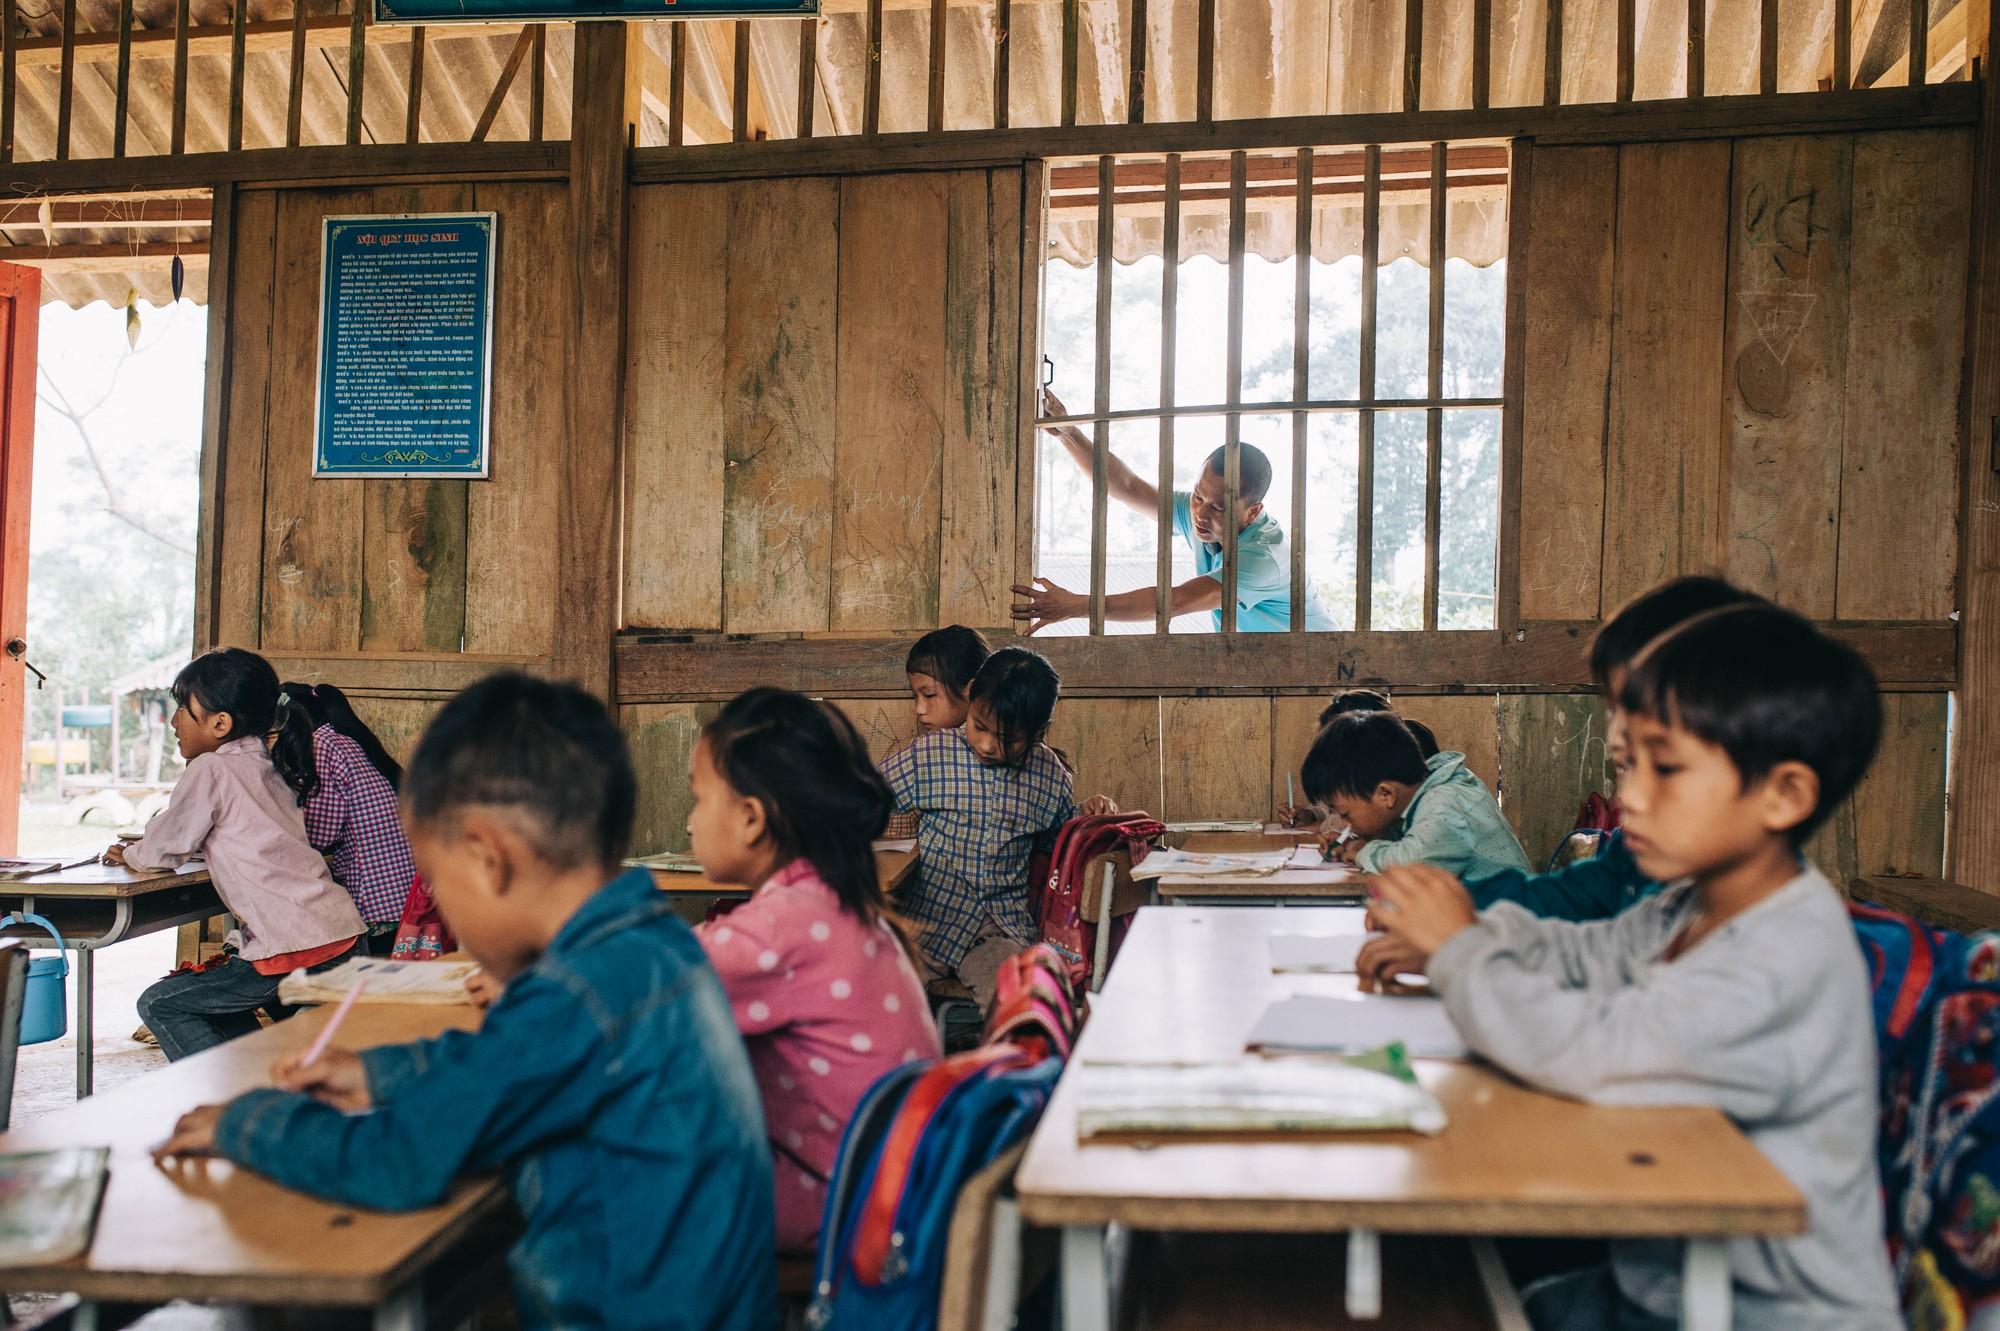 KTS Phạm Đình Quý - 5 năm đi xây 105 điểm trường vùng cao: Cứ thấy các cháu khổ mình lại tiếp tục cố gắng, mục tiêu của mình là bao giờ mình yếu thì thôi - Ảnh 8.